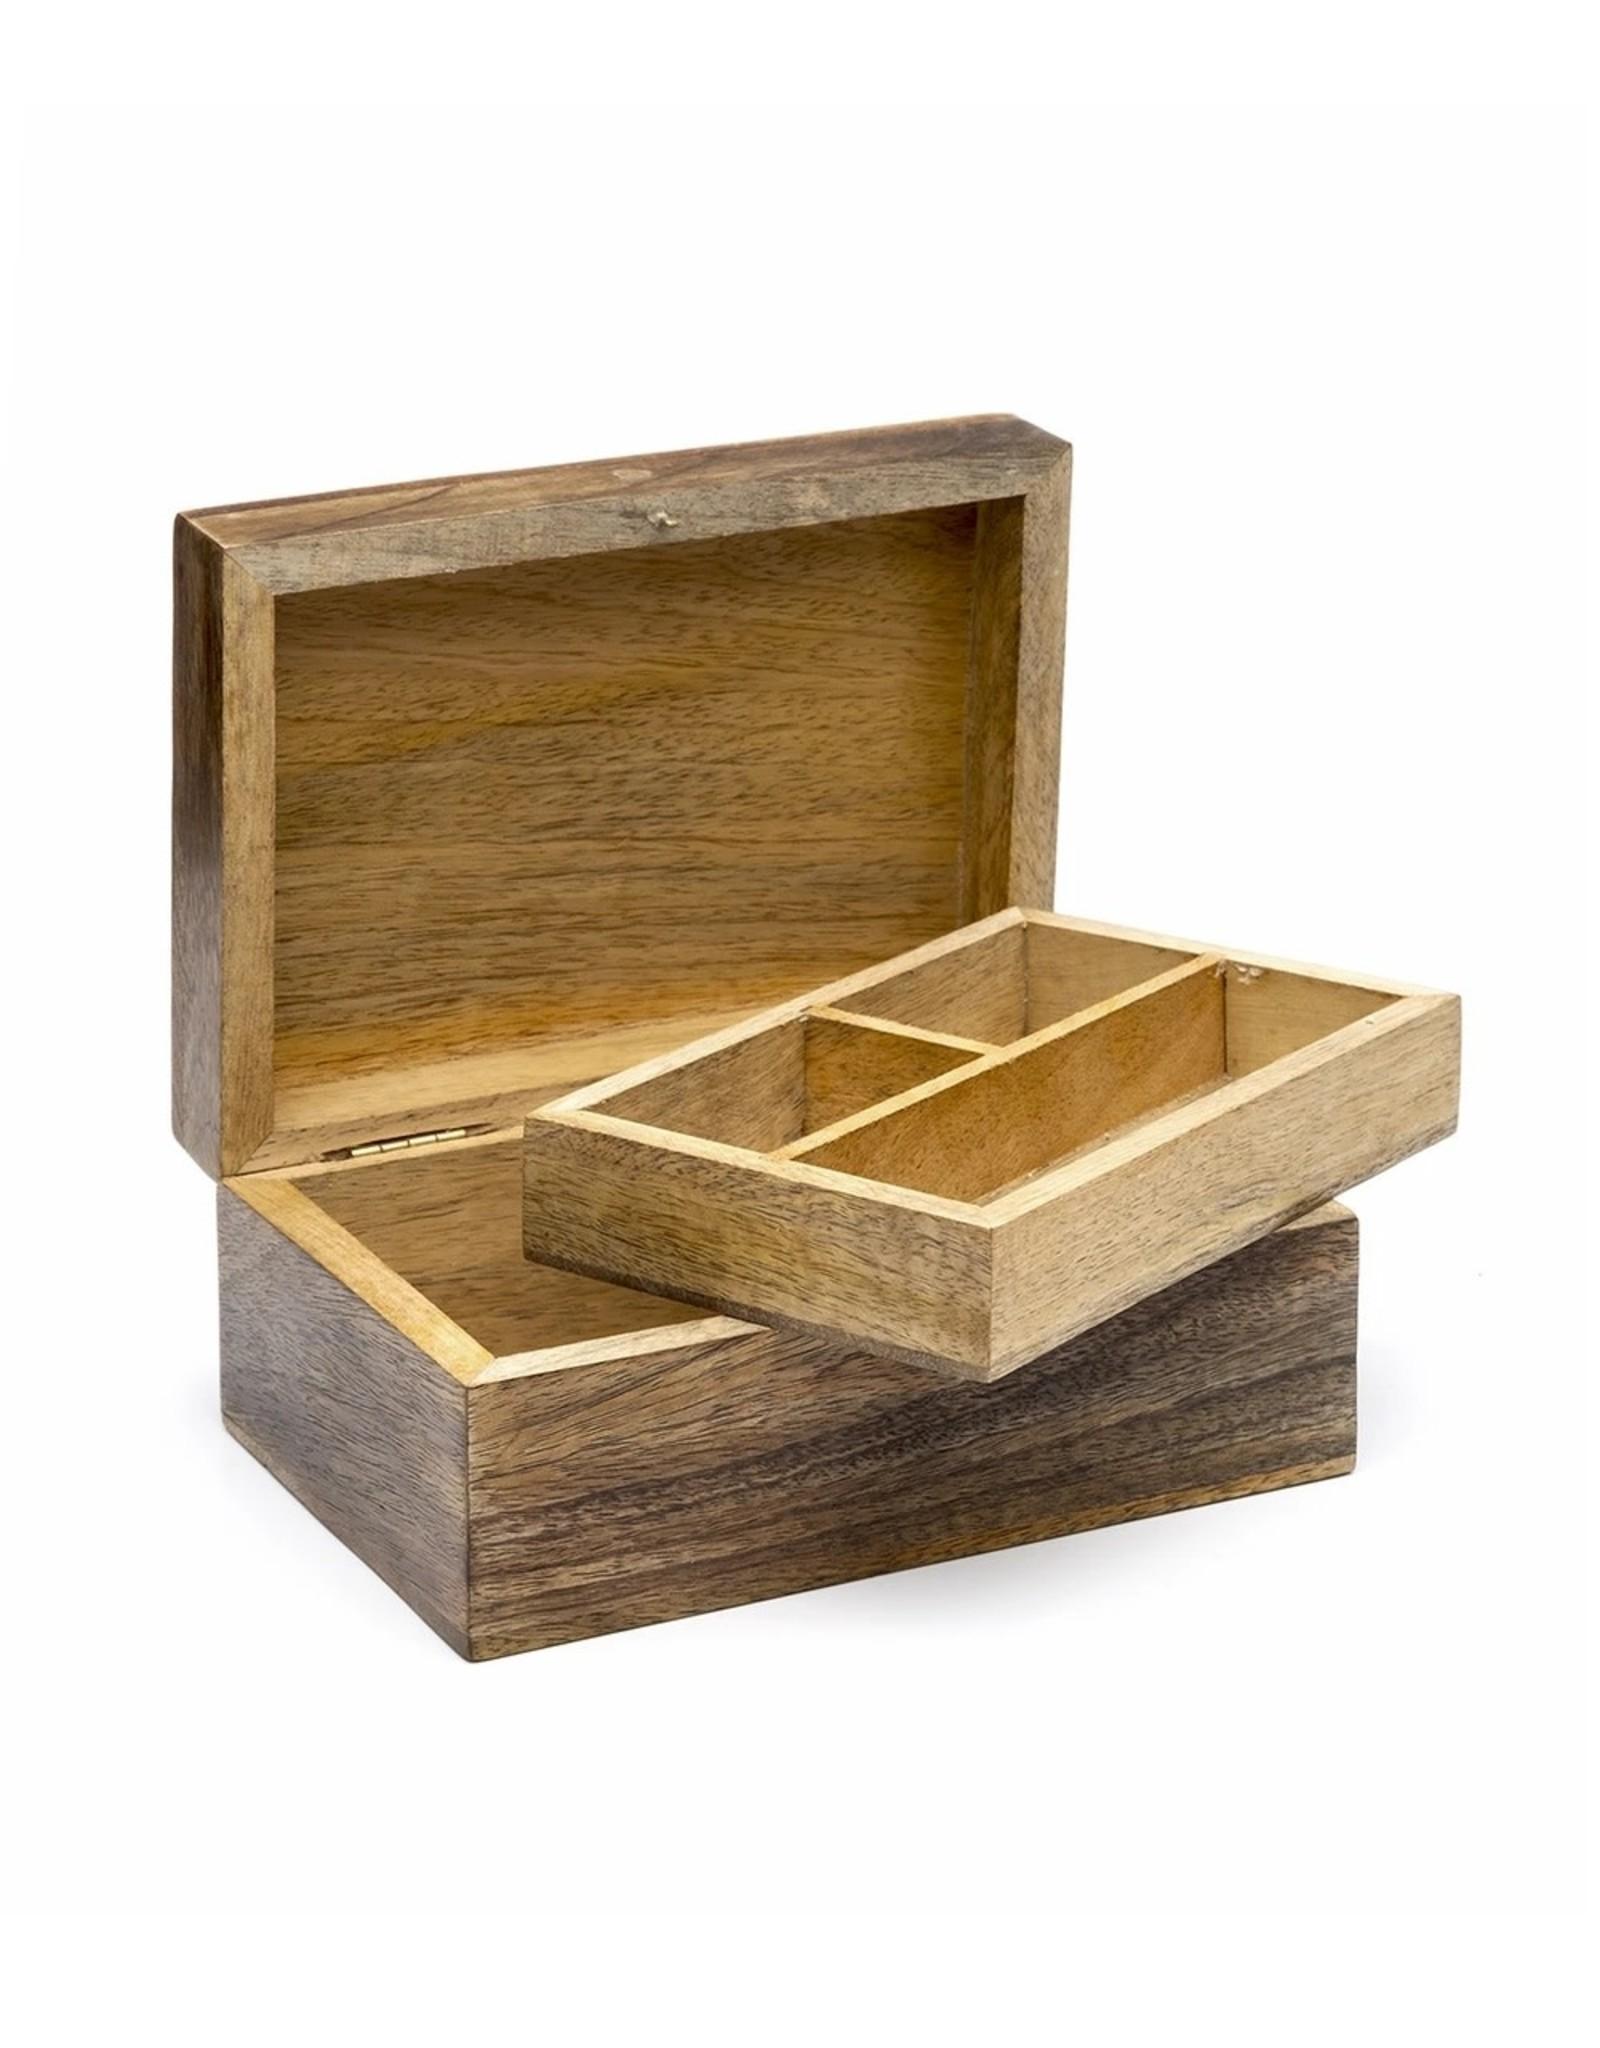 Matr Boomie Indukala Jewelry Box